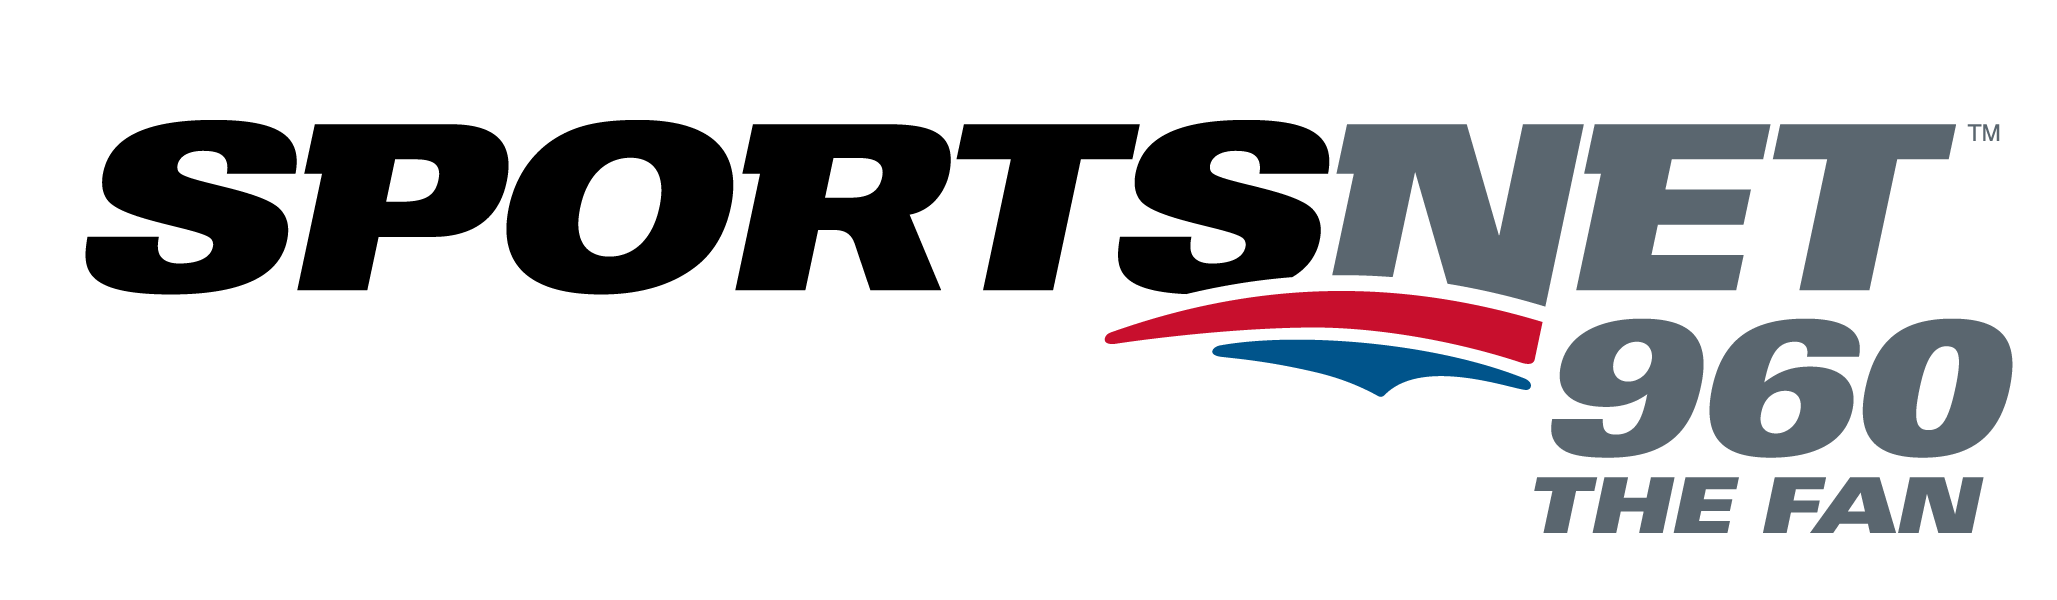 sportsnet-960-1